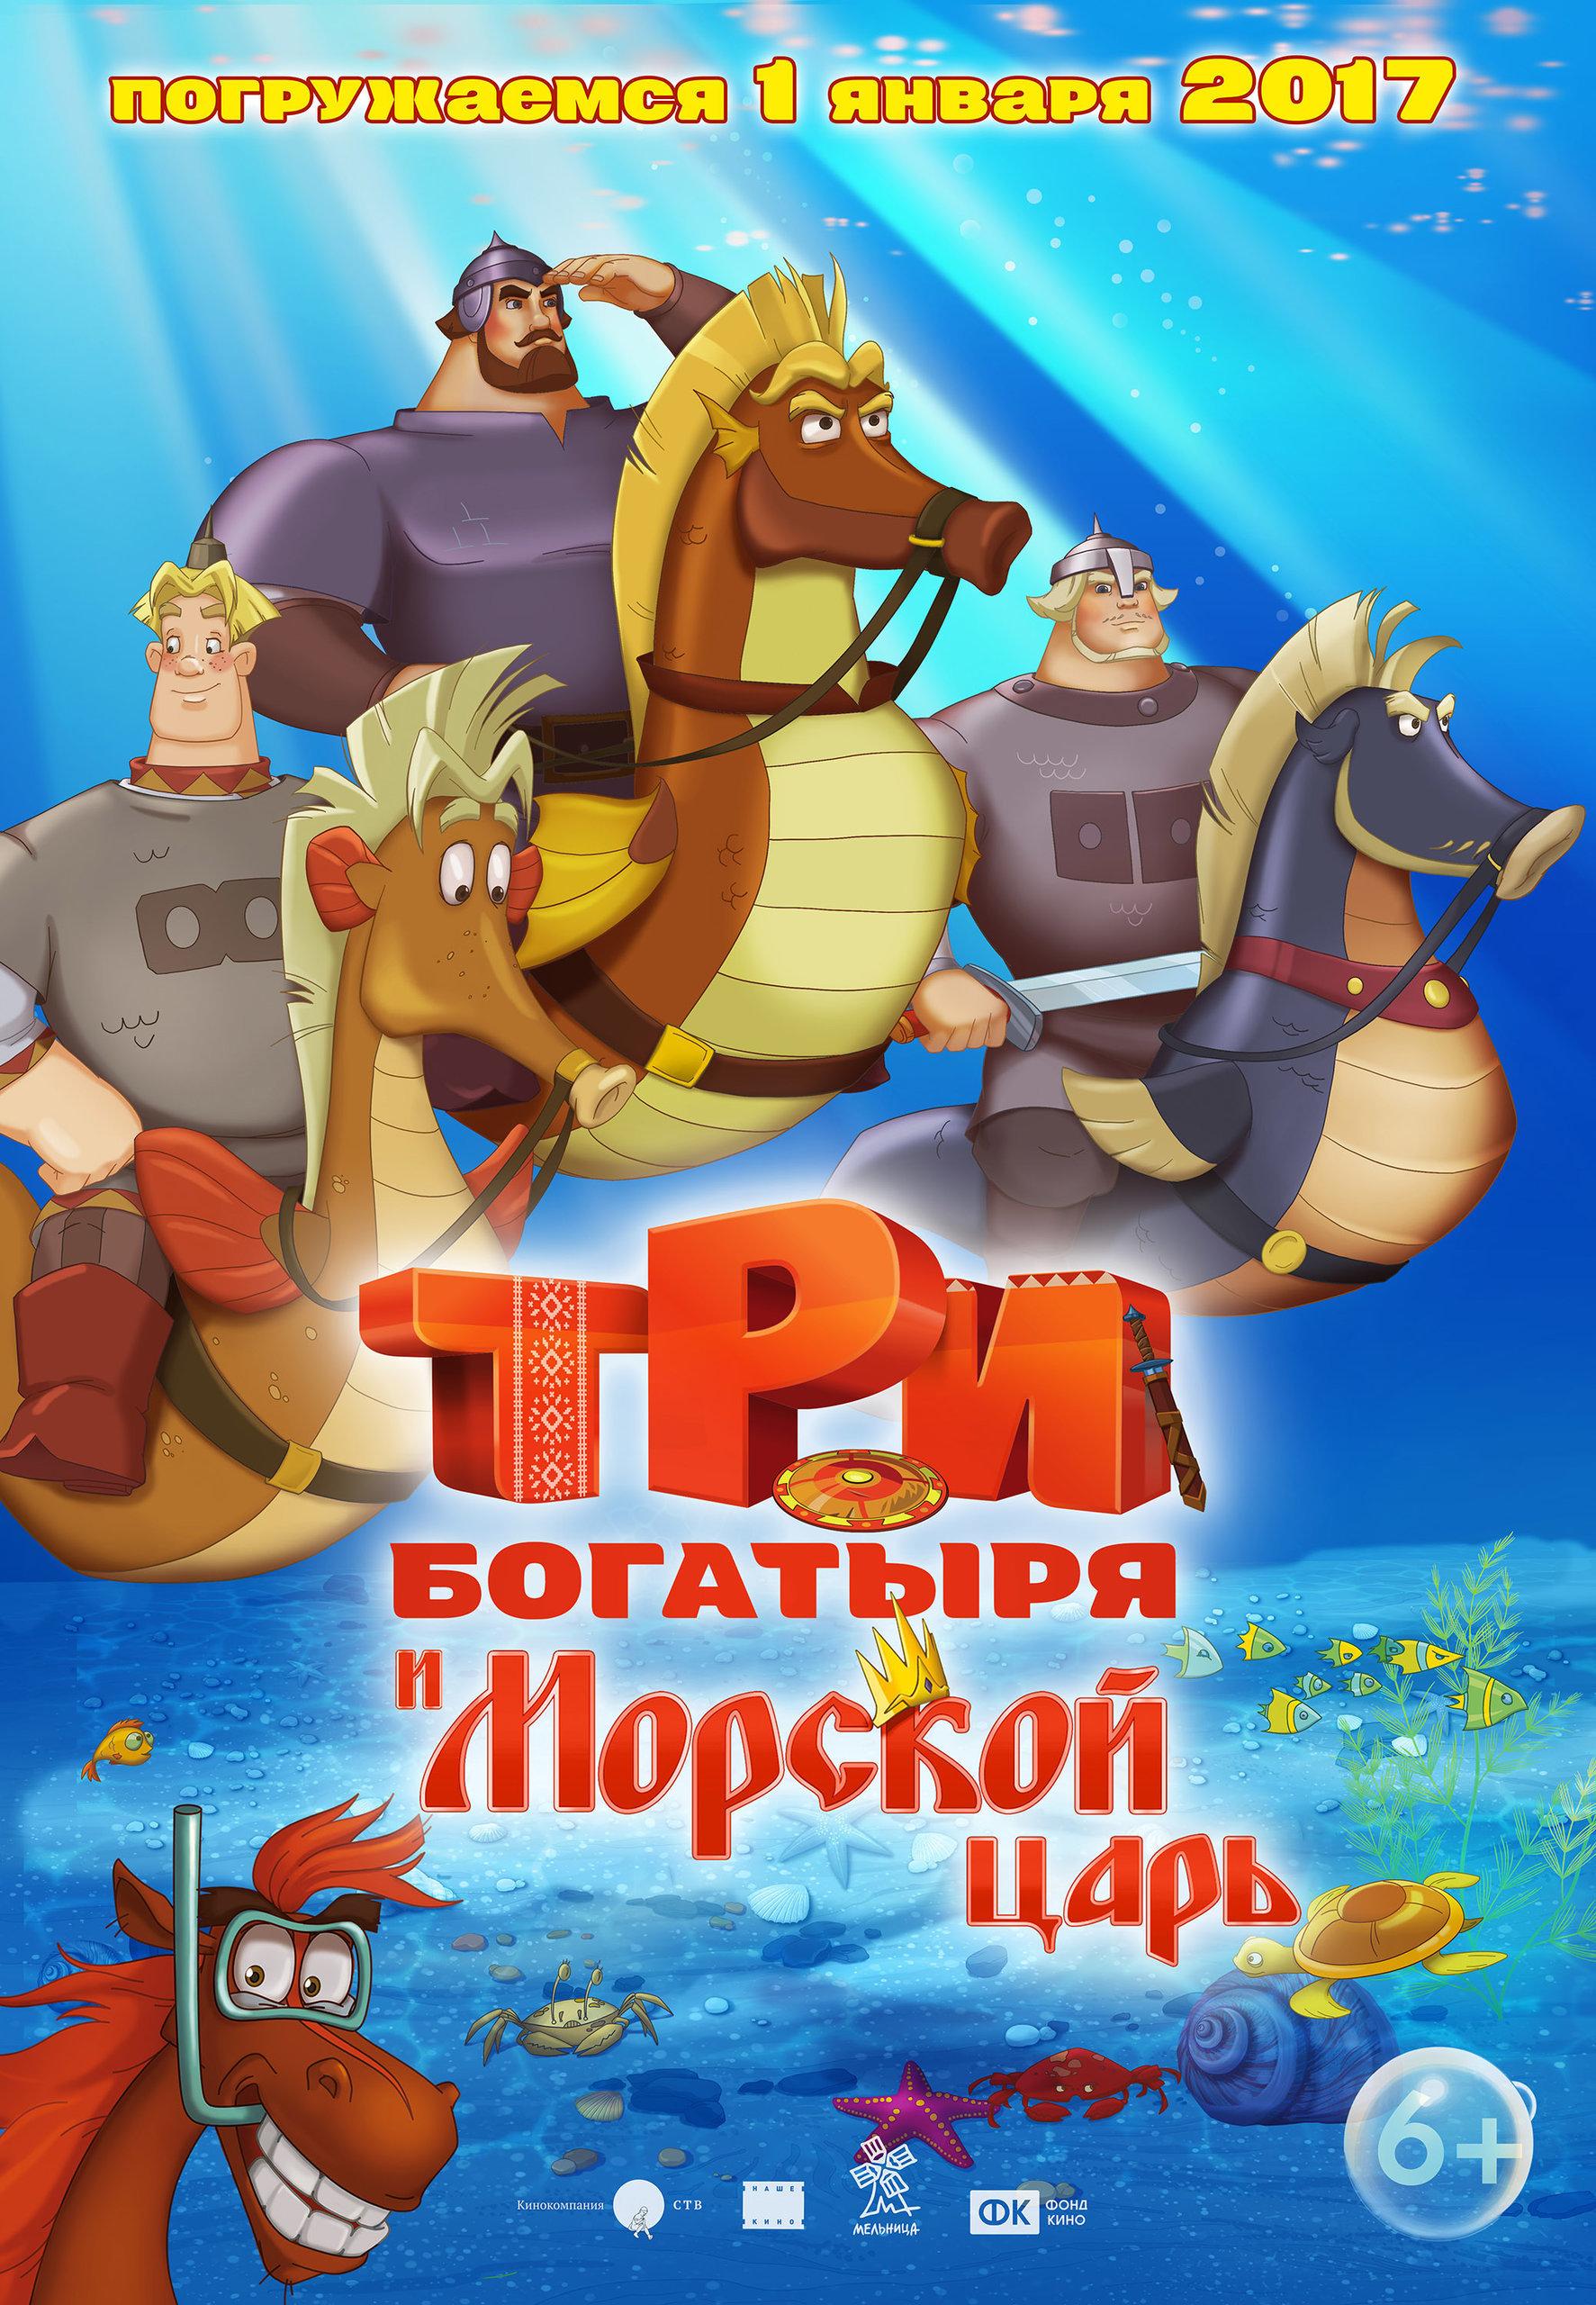 Зверопой 2016 смотреть онлайн мультфильм мультик